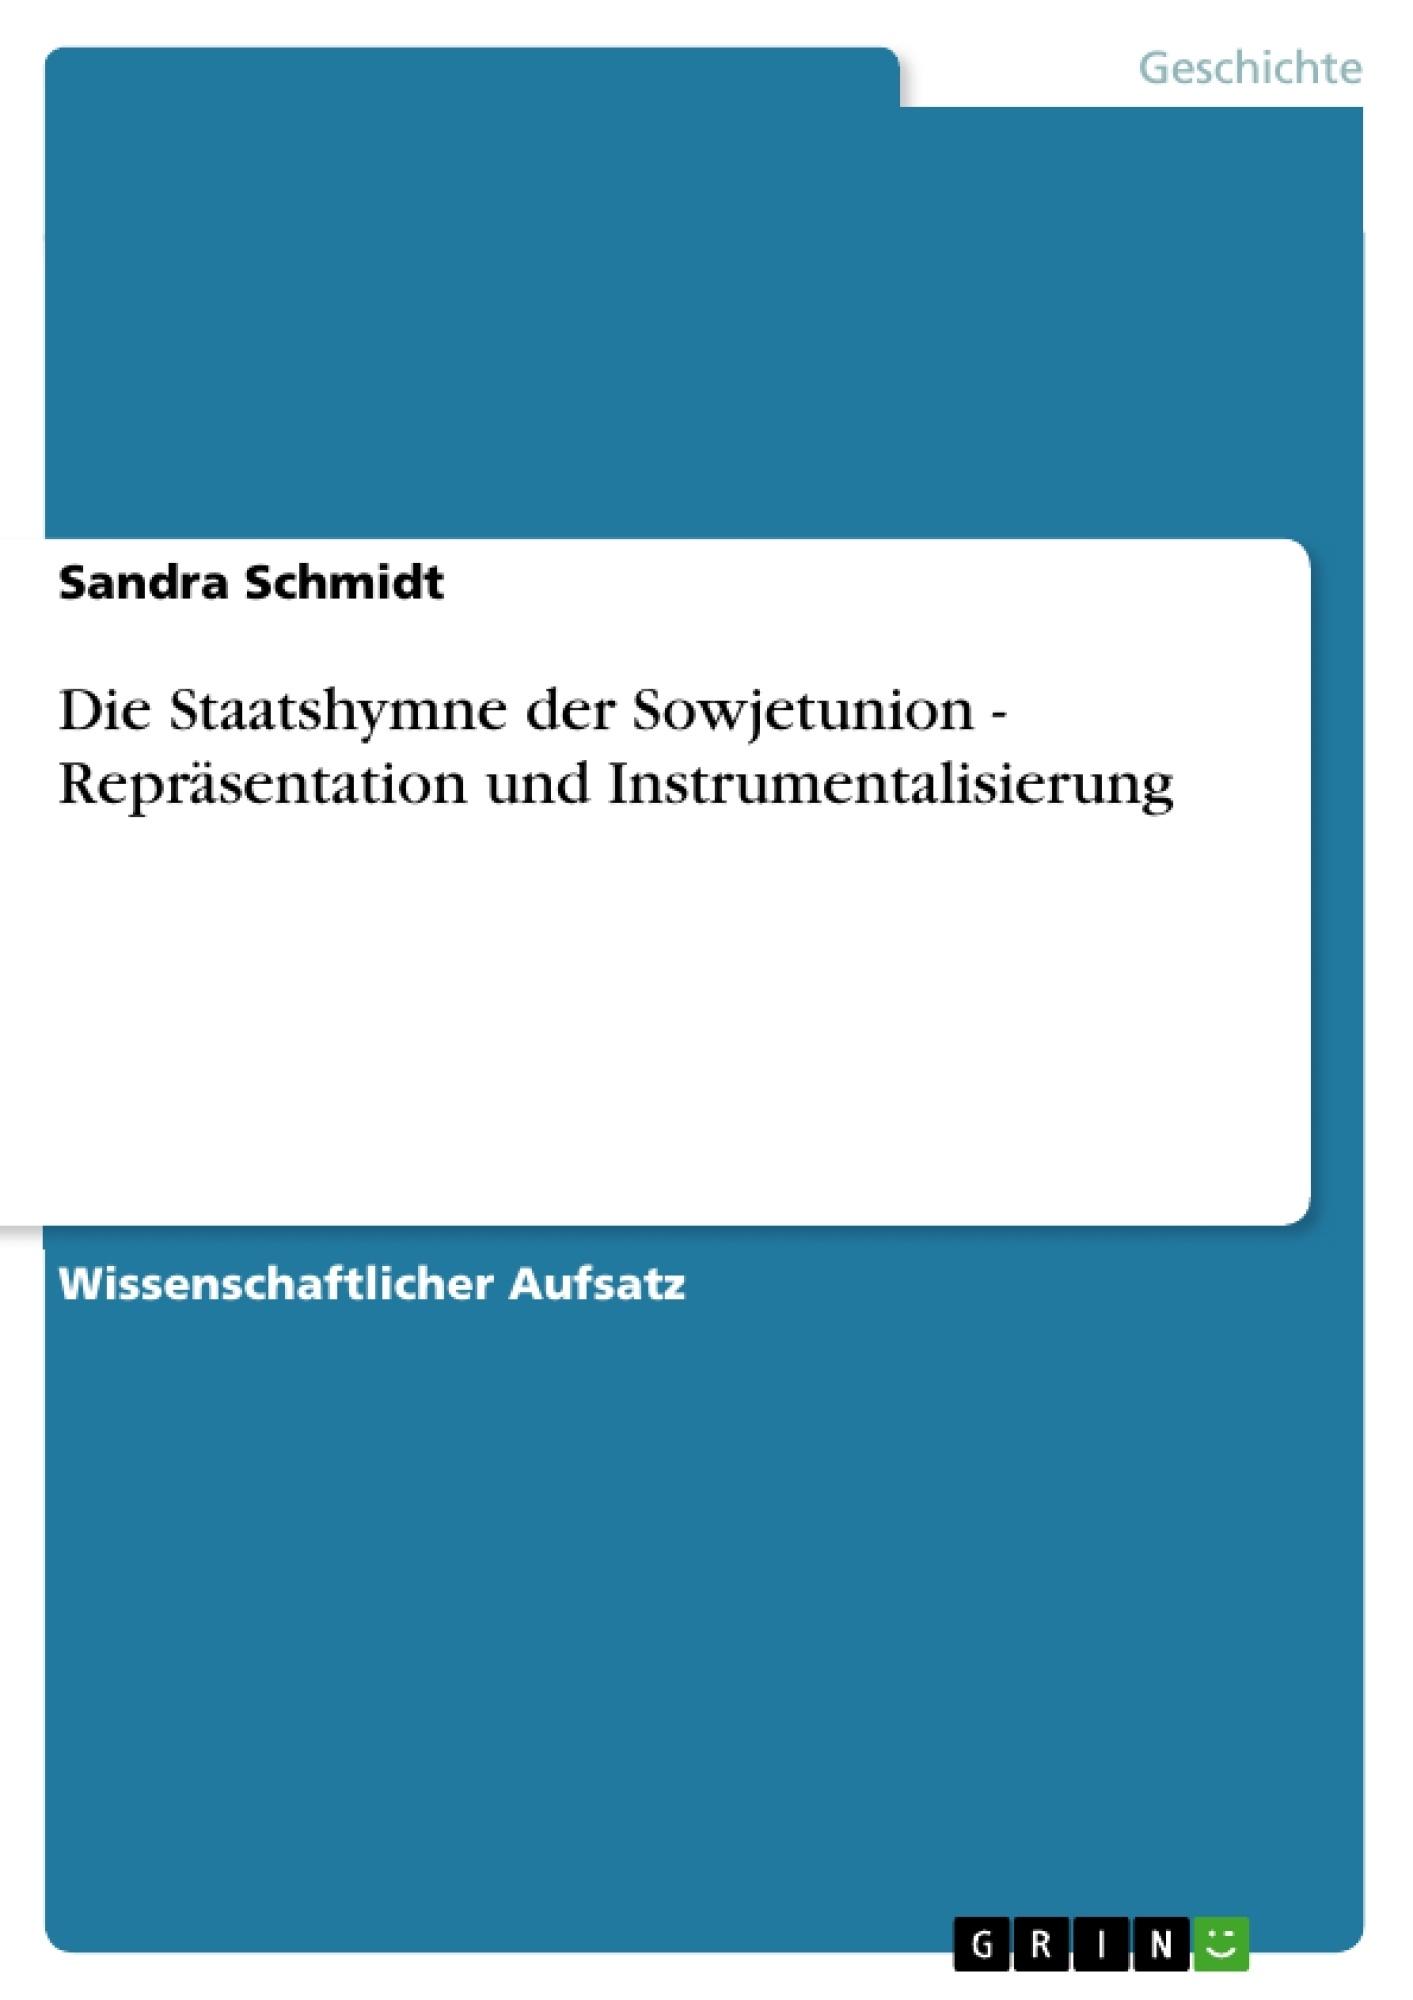 Titel: Die Staatshymne der Sowjetunion - Repräsentation und Instrumentalisierung